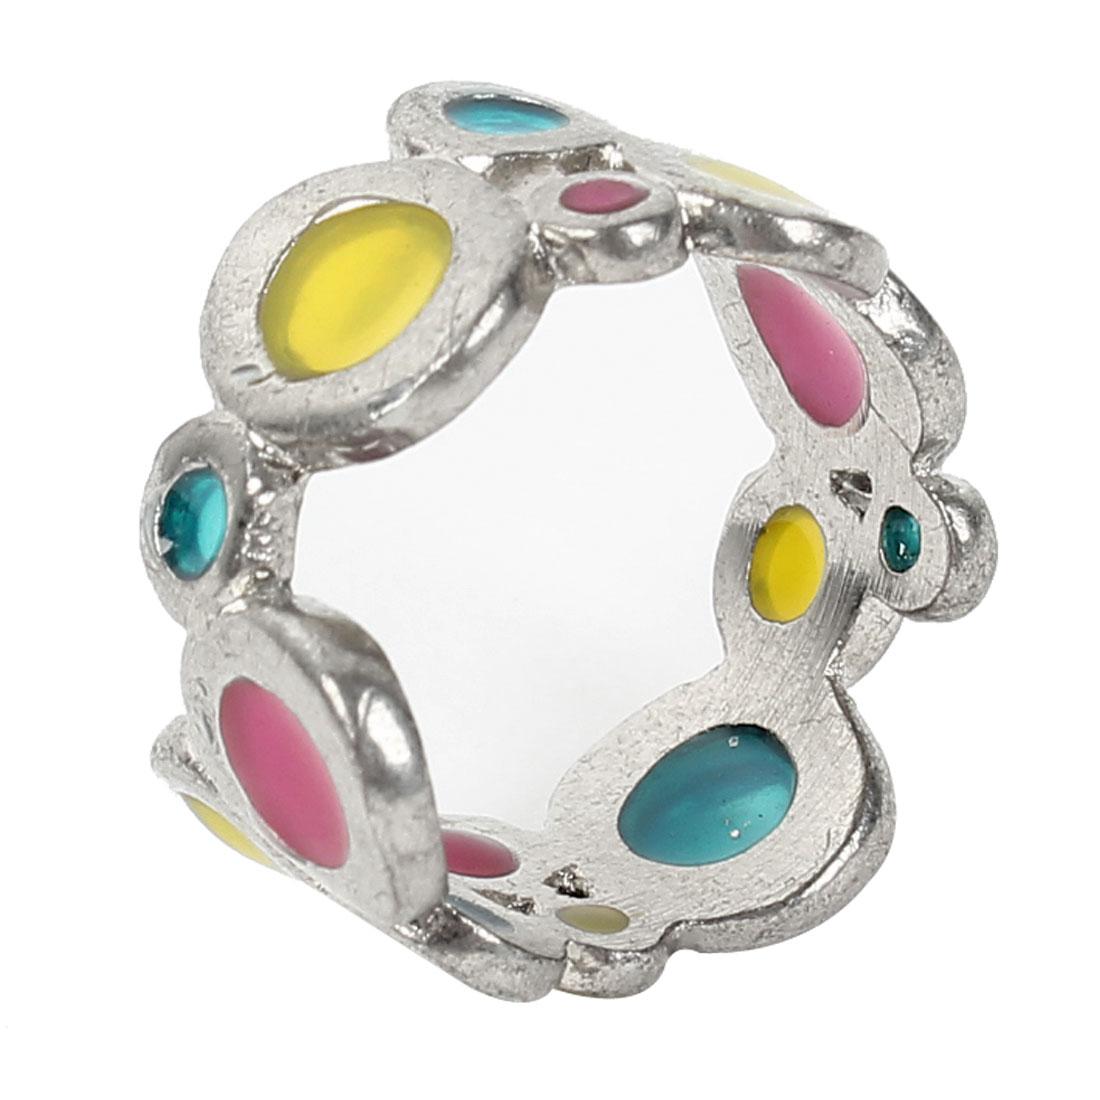 Fashion Plastic Rhinestone Detail Silver Tone Metal Finger Ring US 8 for Ladies